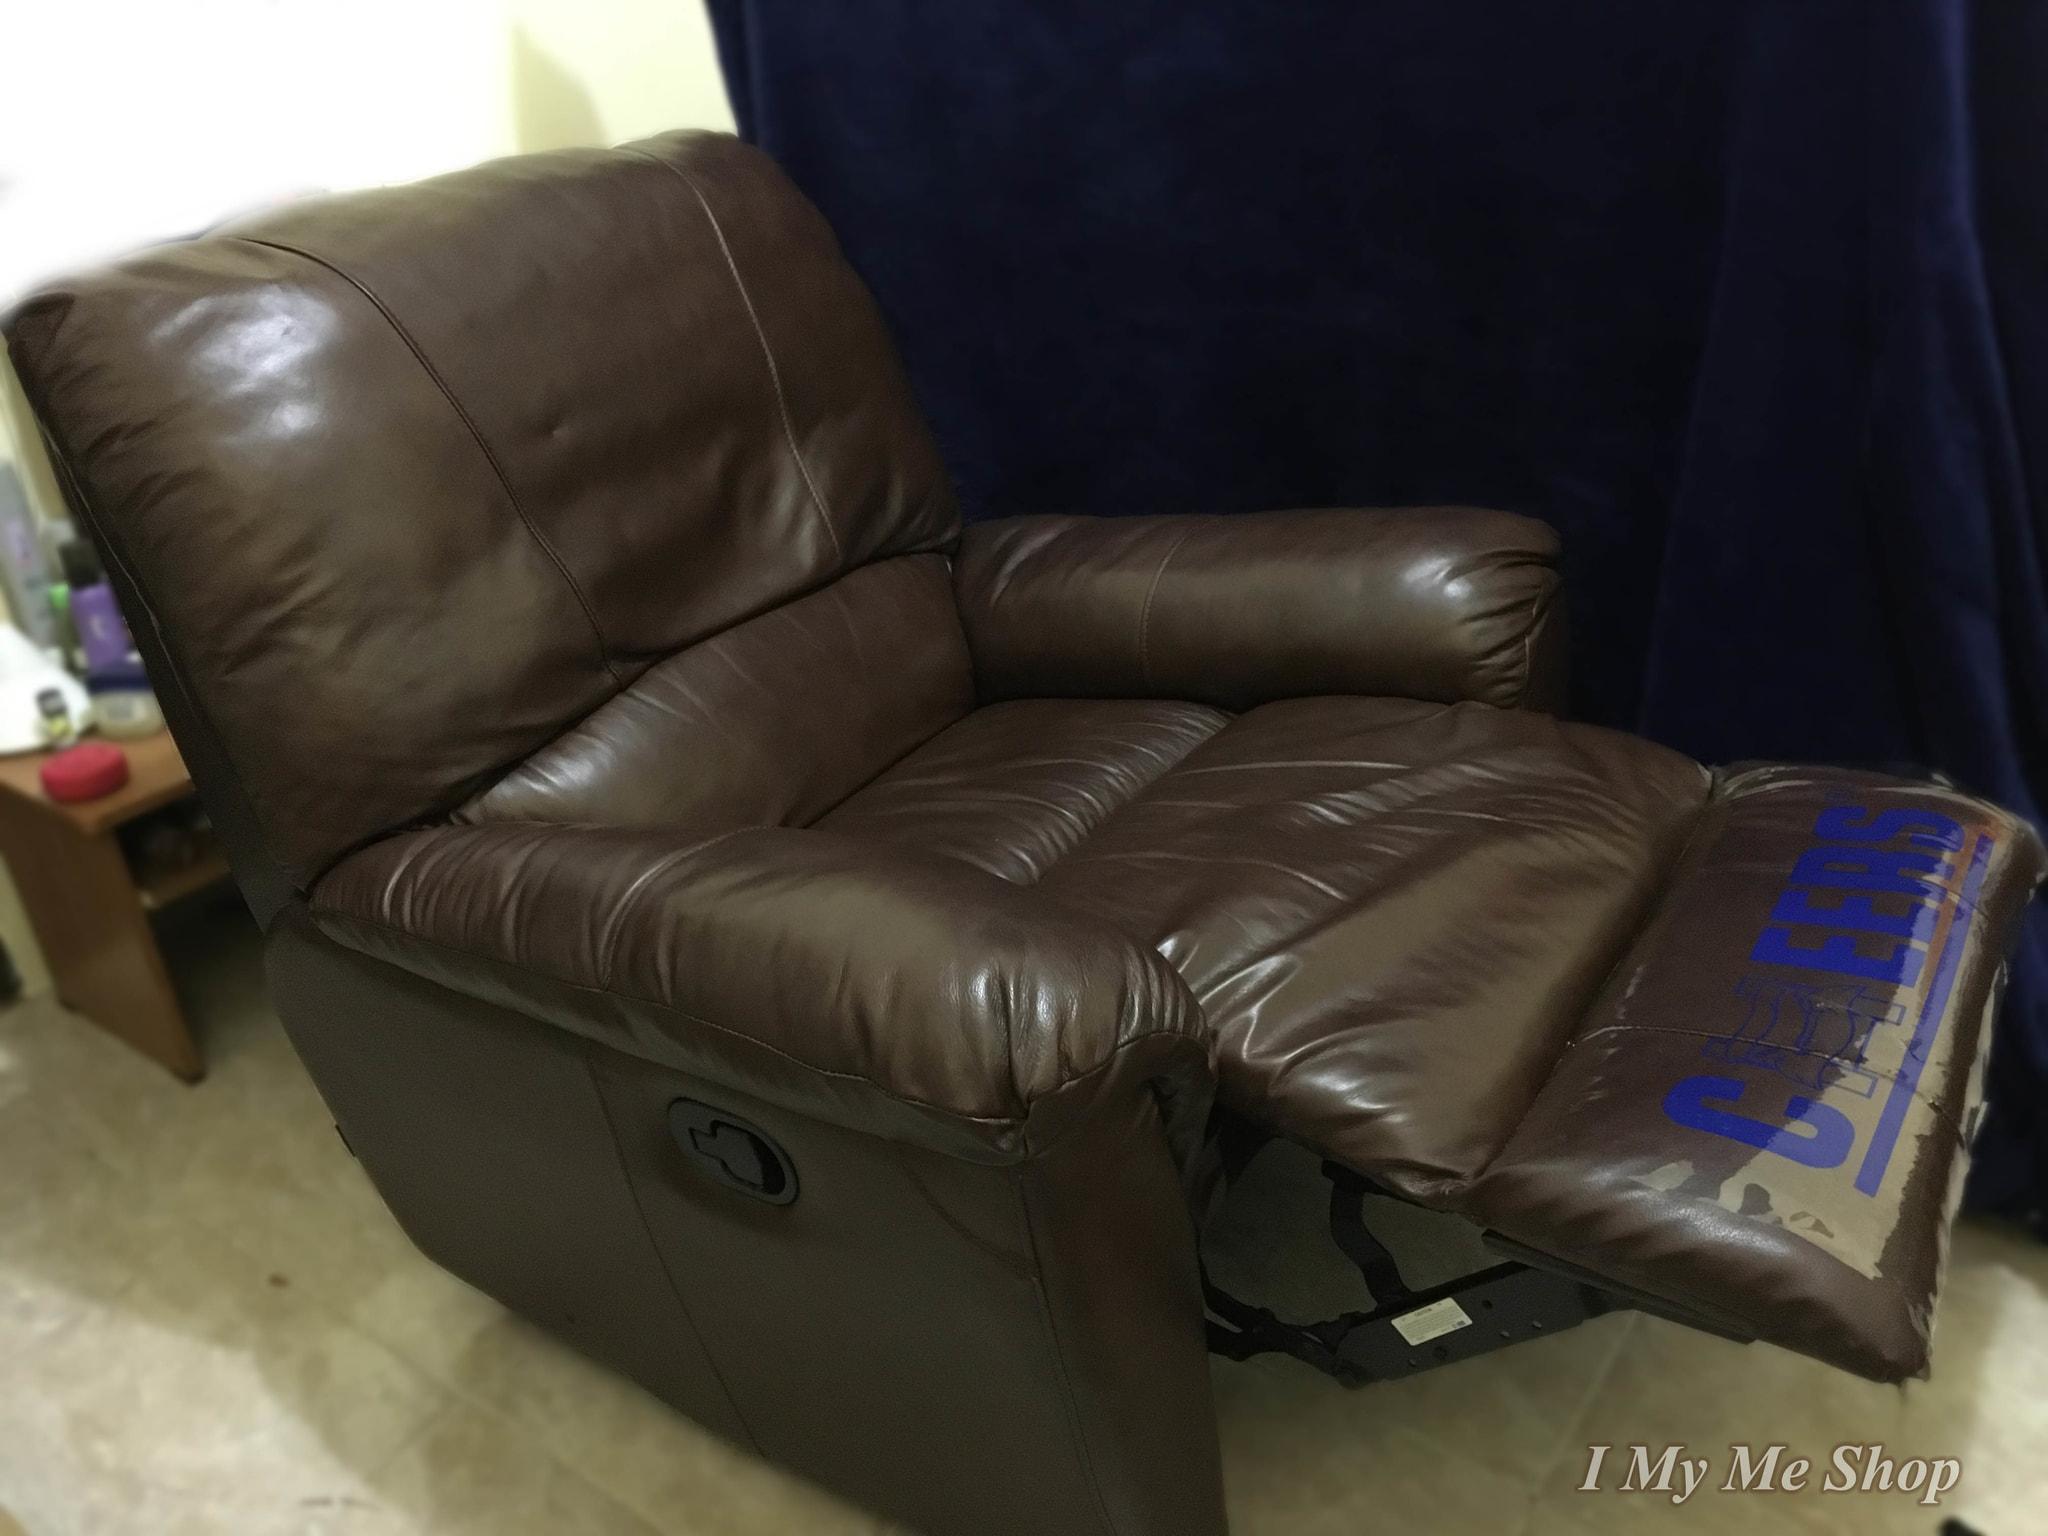 Jual Sofa Reclining Memsaheb Net & jual sofa reclining | Nrtradiant.com islam-shia.org